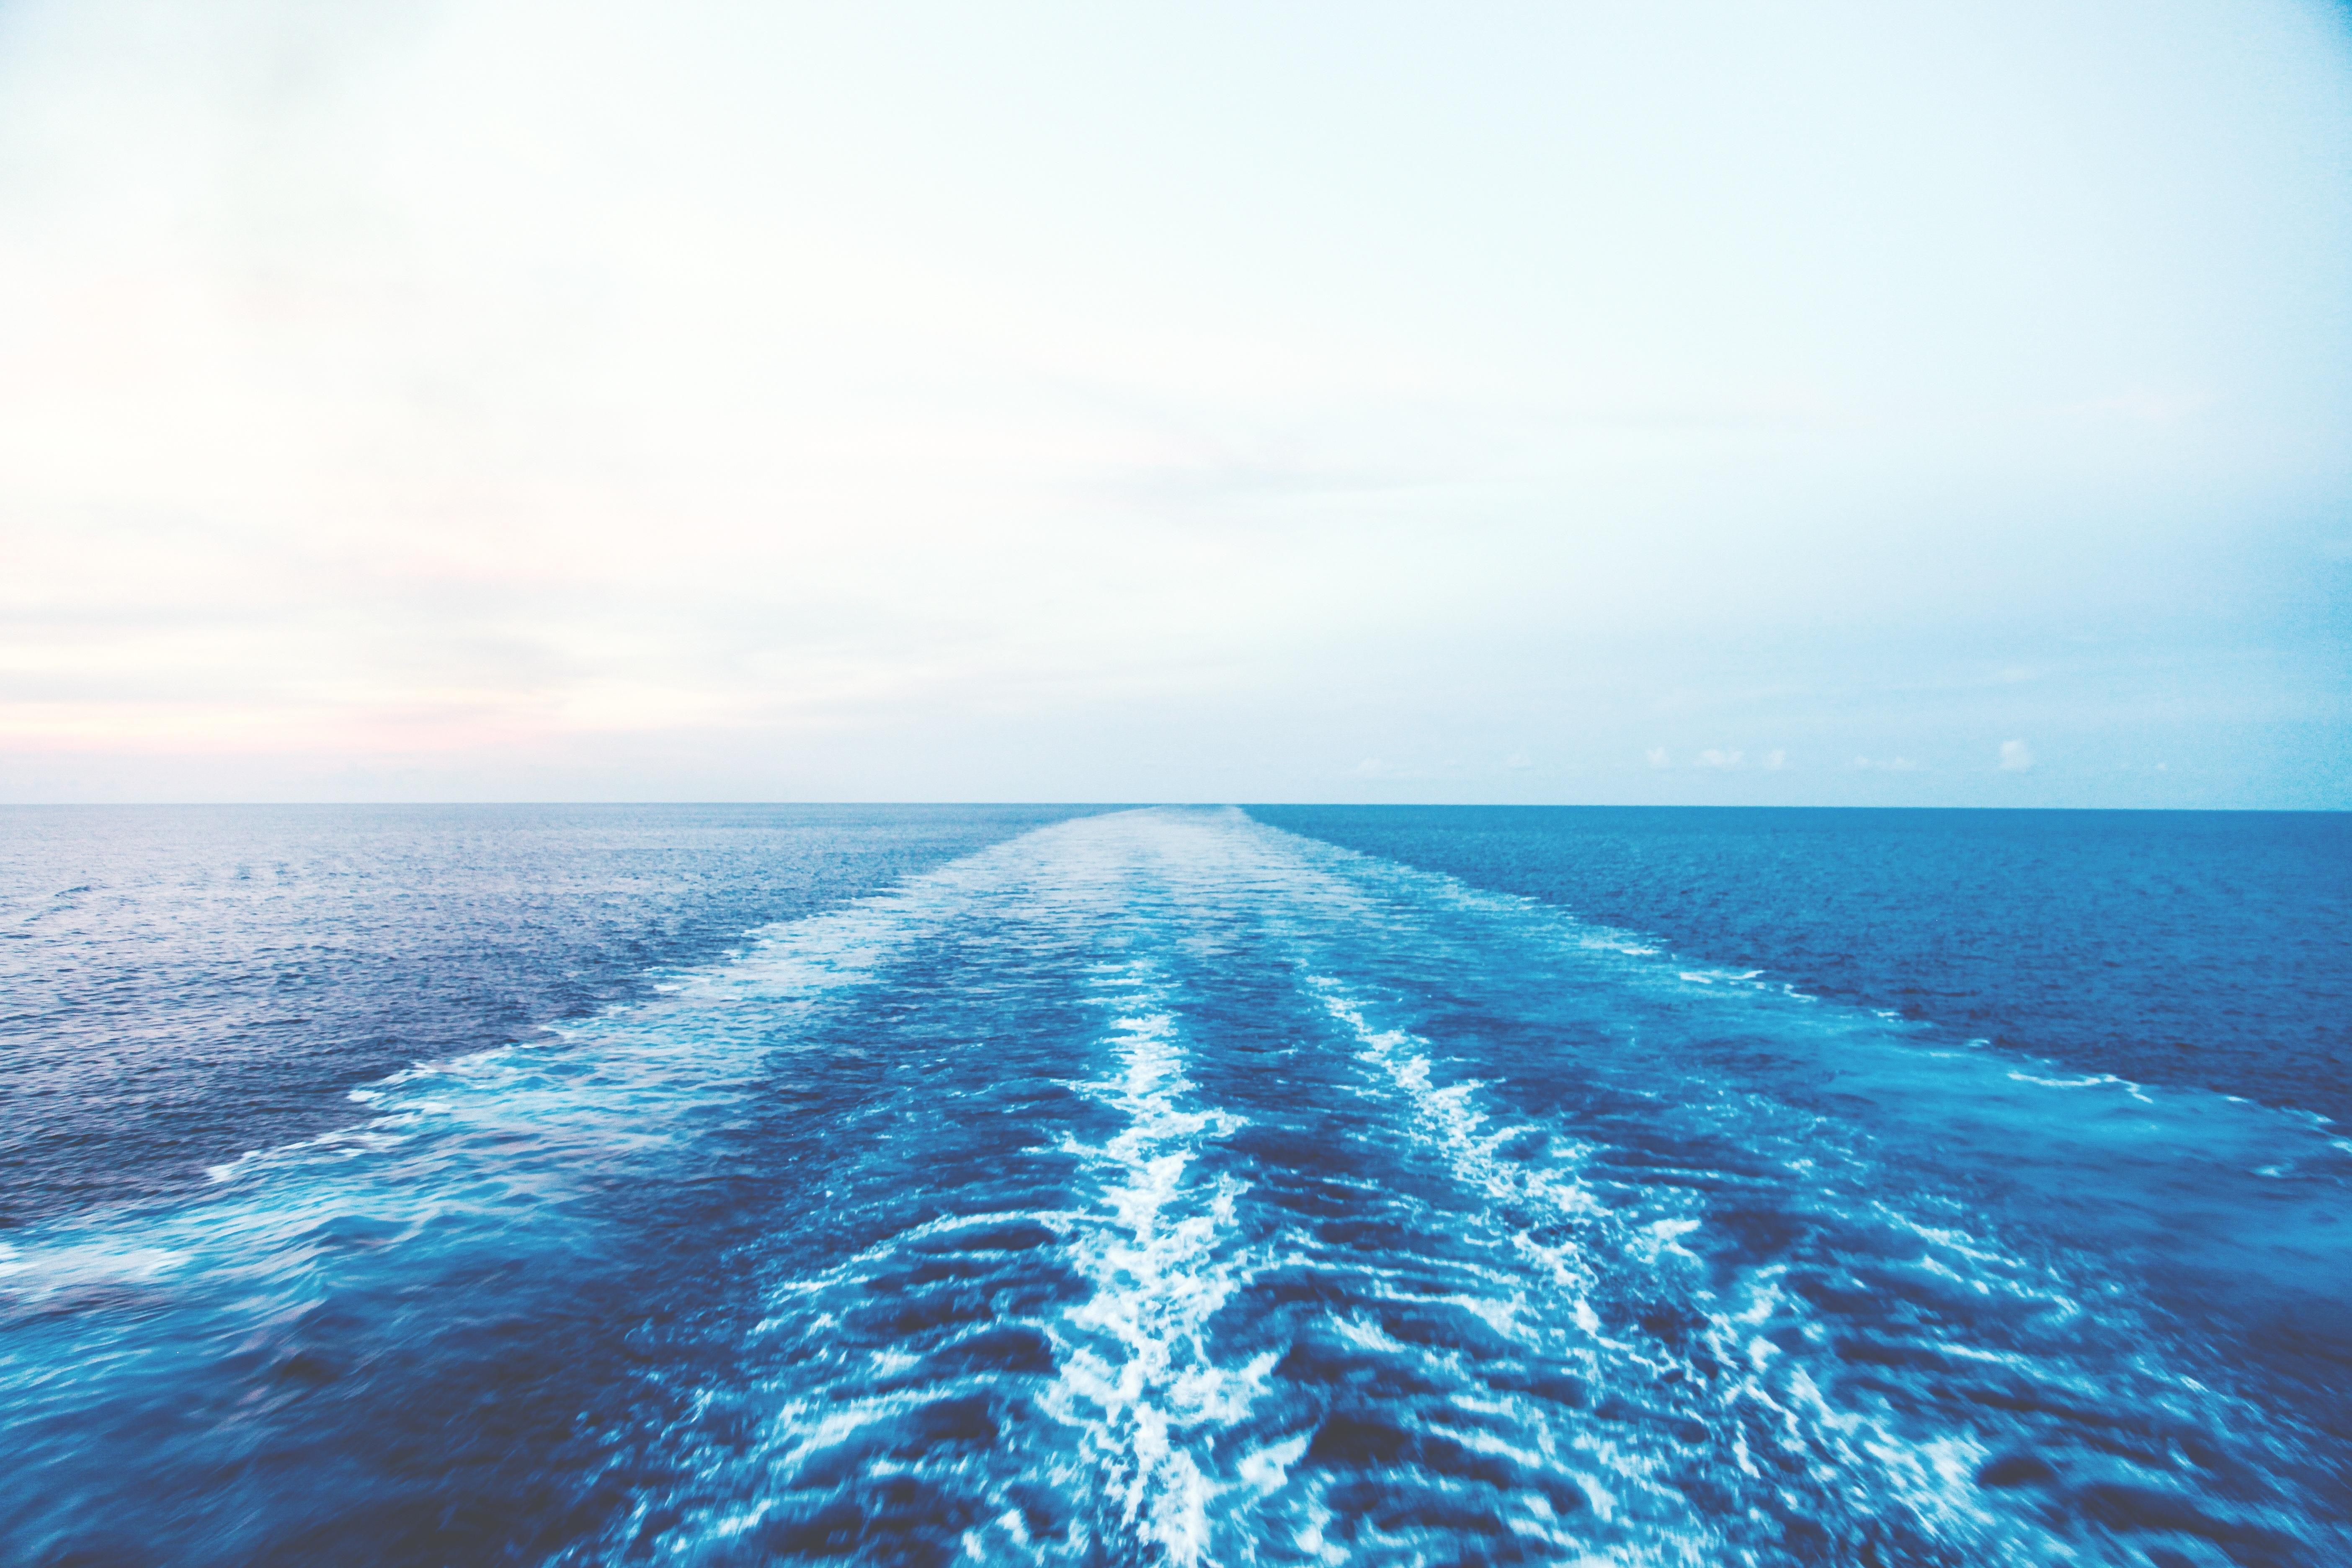 машине вода океан картинки для правилах использования горчичного